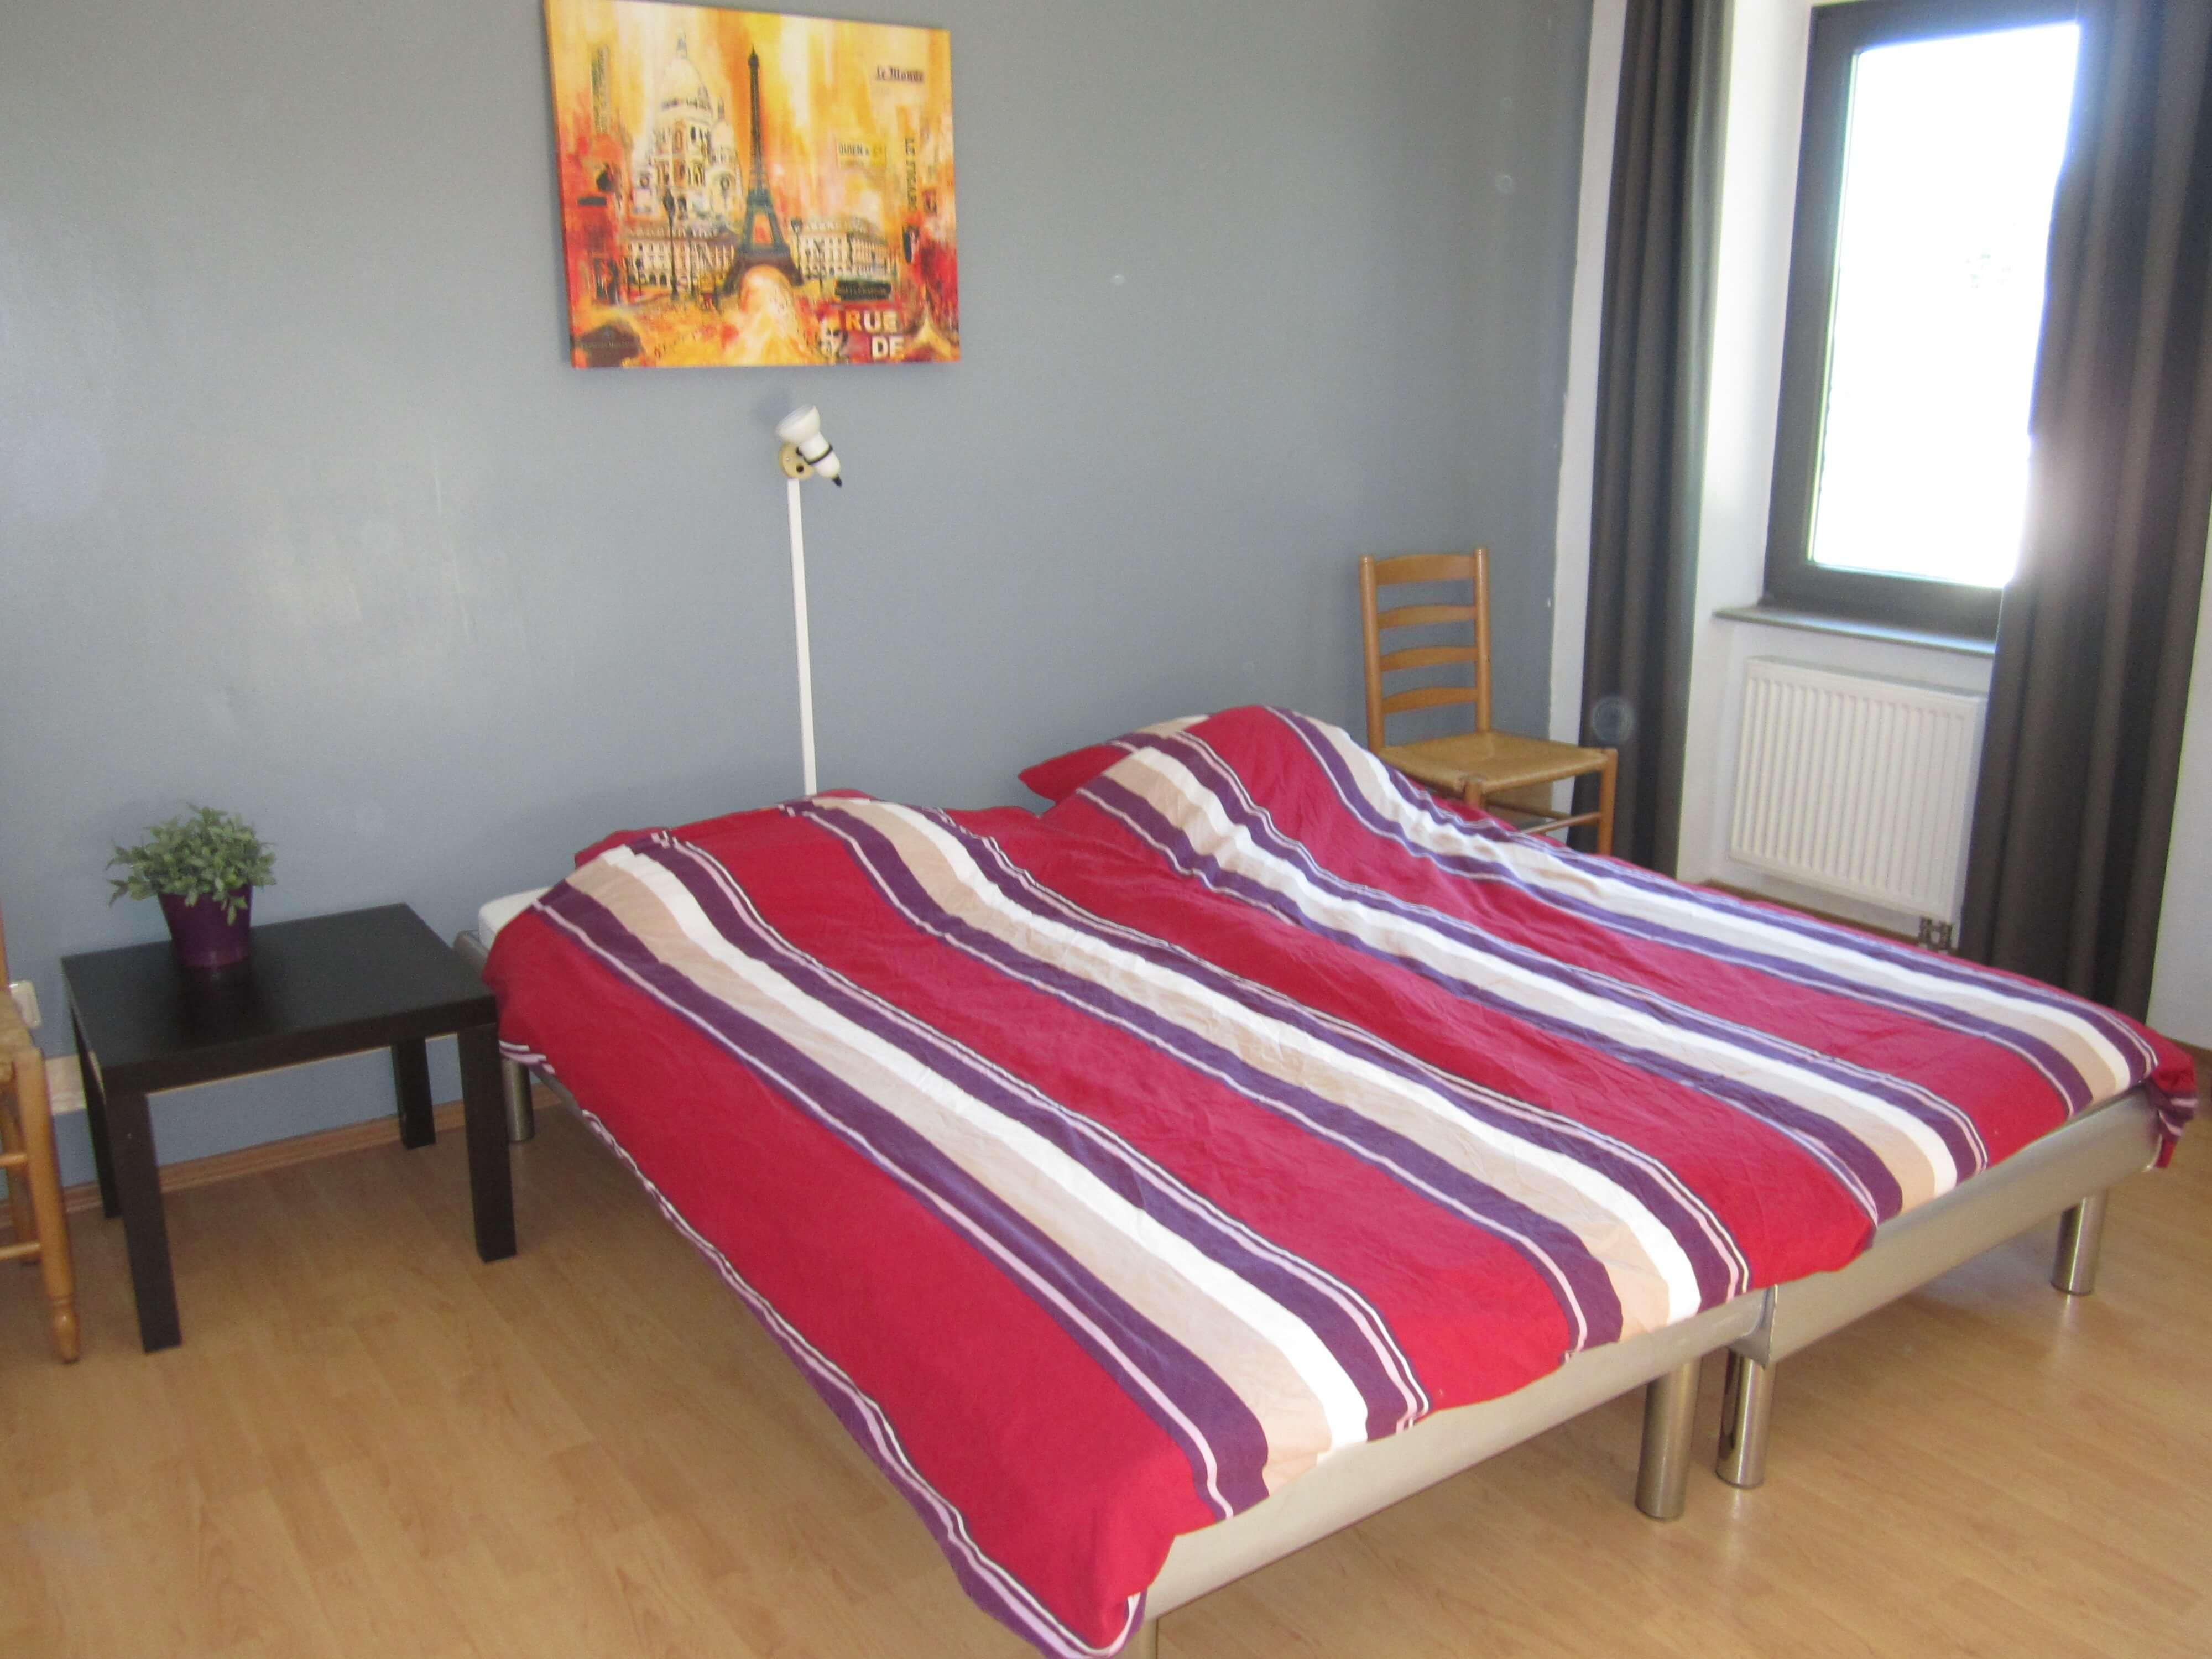 Slaapkamer Waldfriede seesbach voorkant